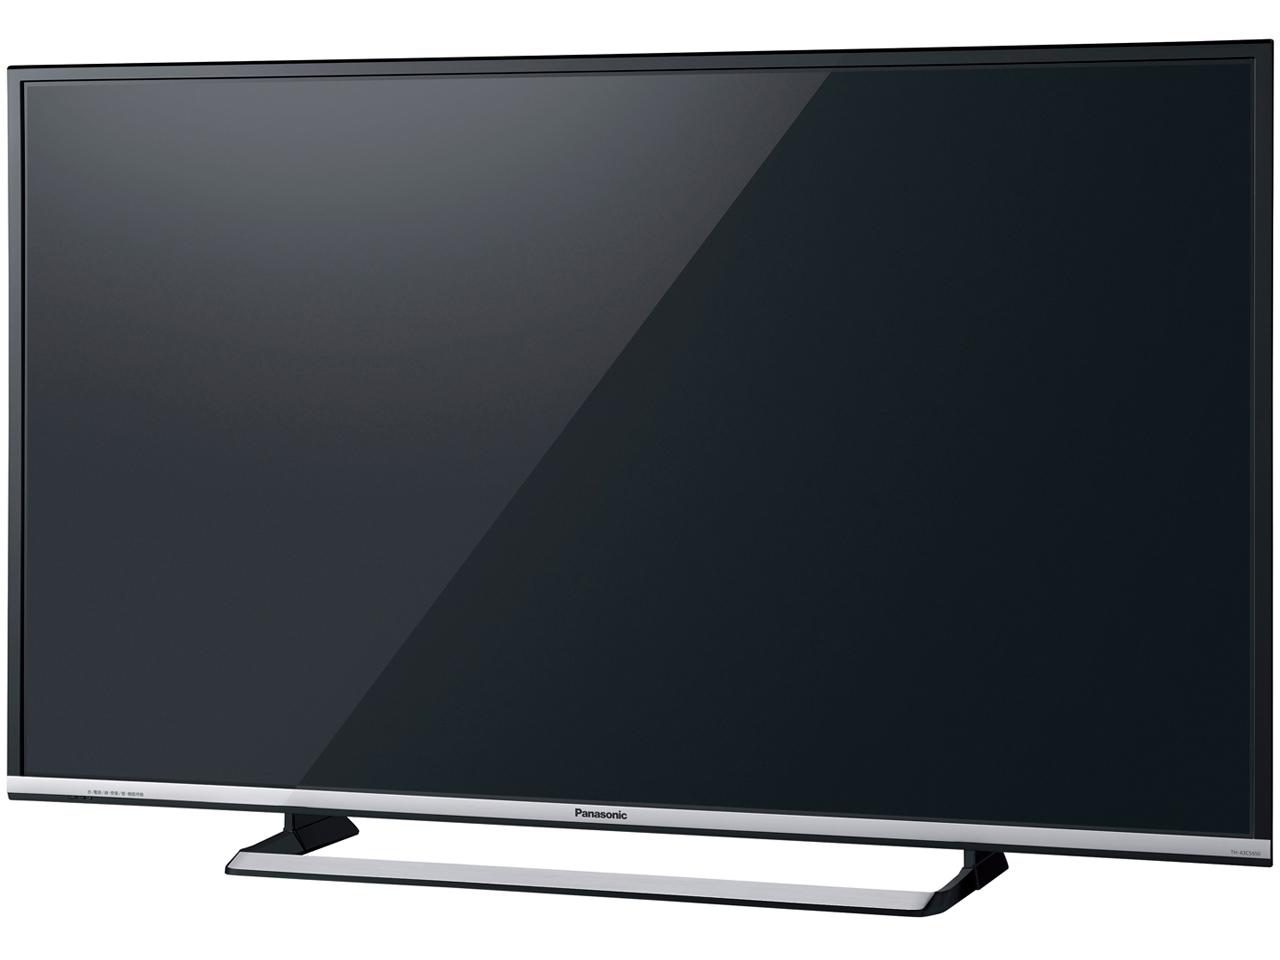 『本体 斜め』 VIERA TH-43CS650 [43インチ] の製品画像